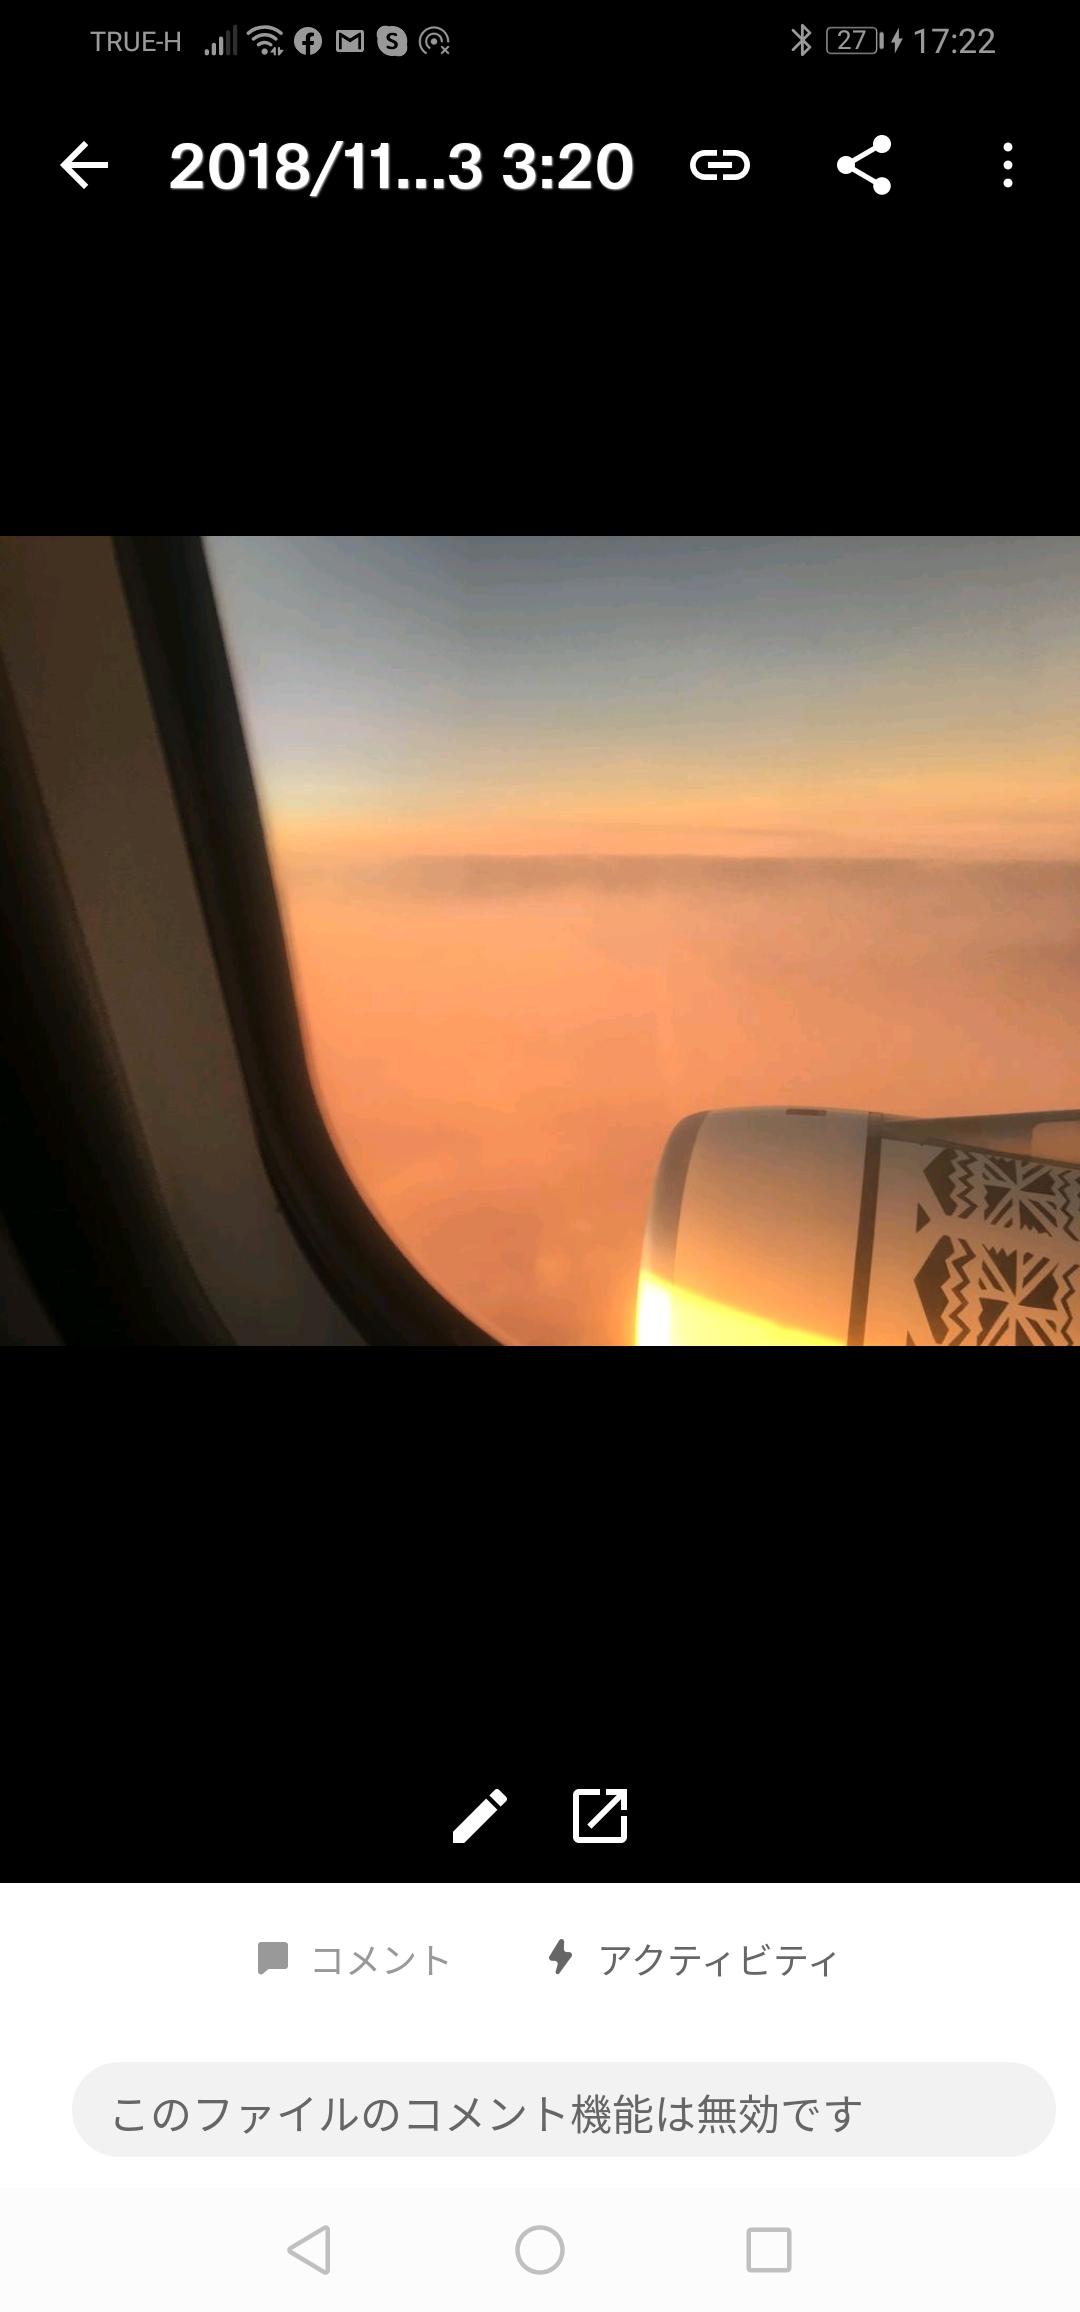 フィジー航空,朝日,オセアニア,ボイボイ,ブラ,カレー